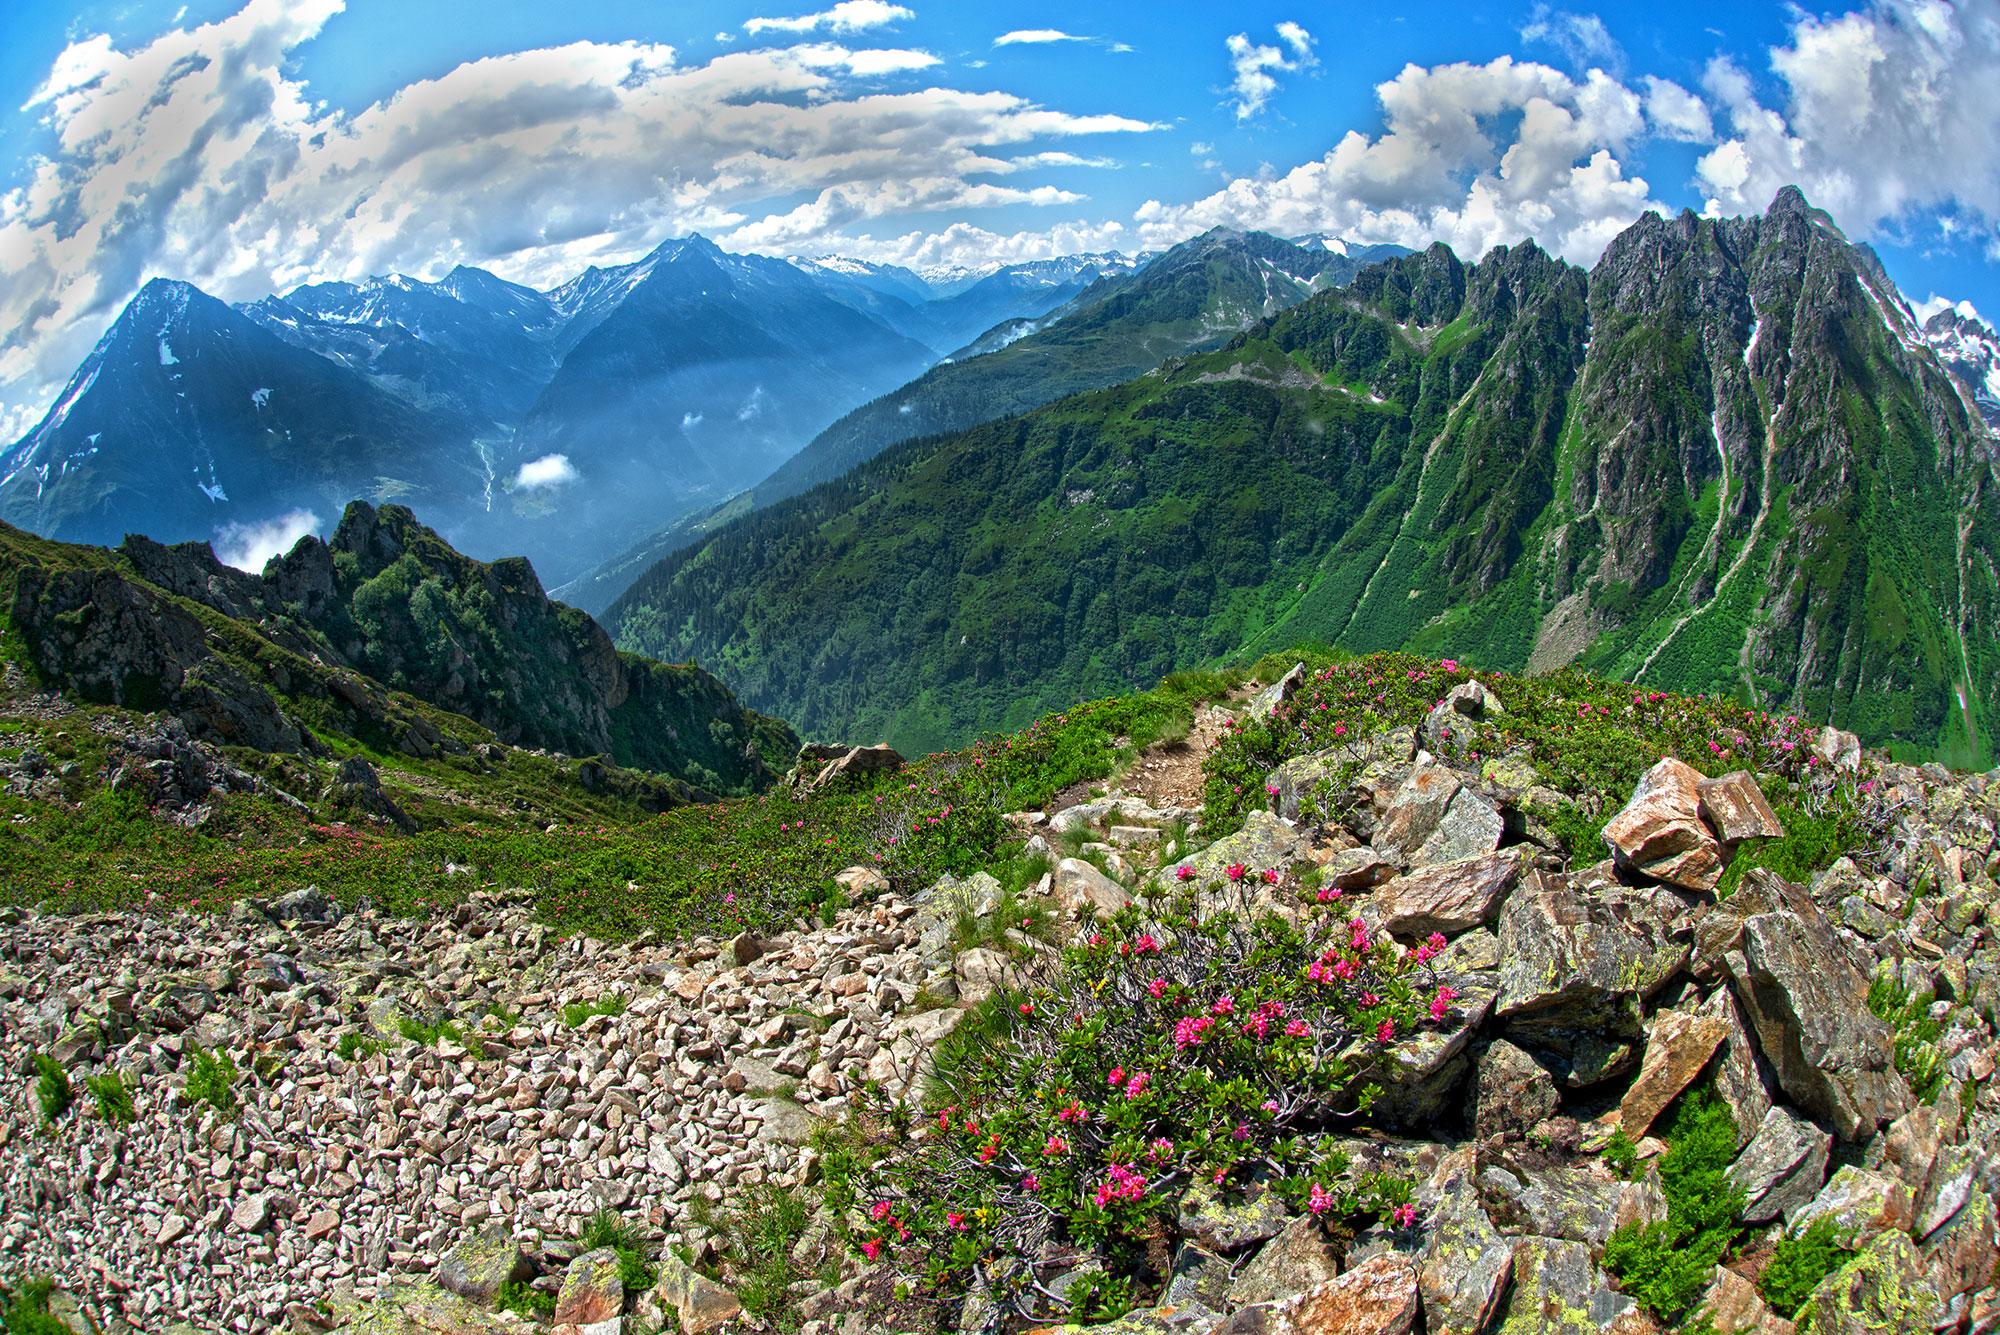 Sunniggrätli - Leutschachhütte, Canton Uri - Switzerland